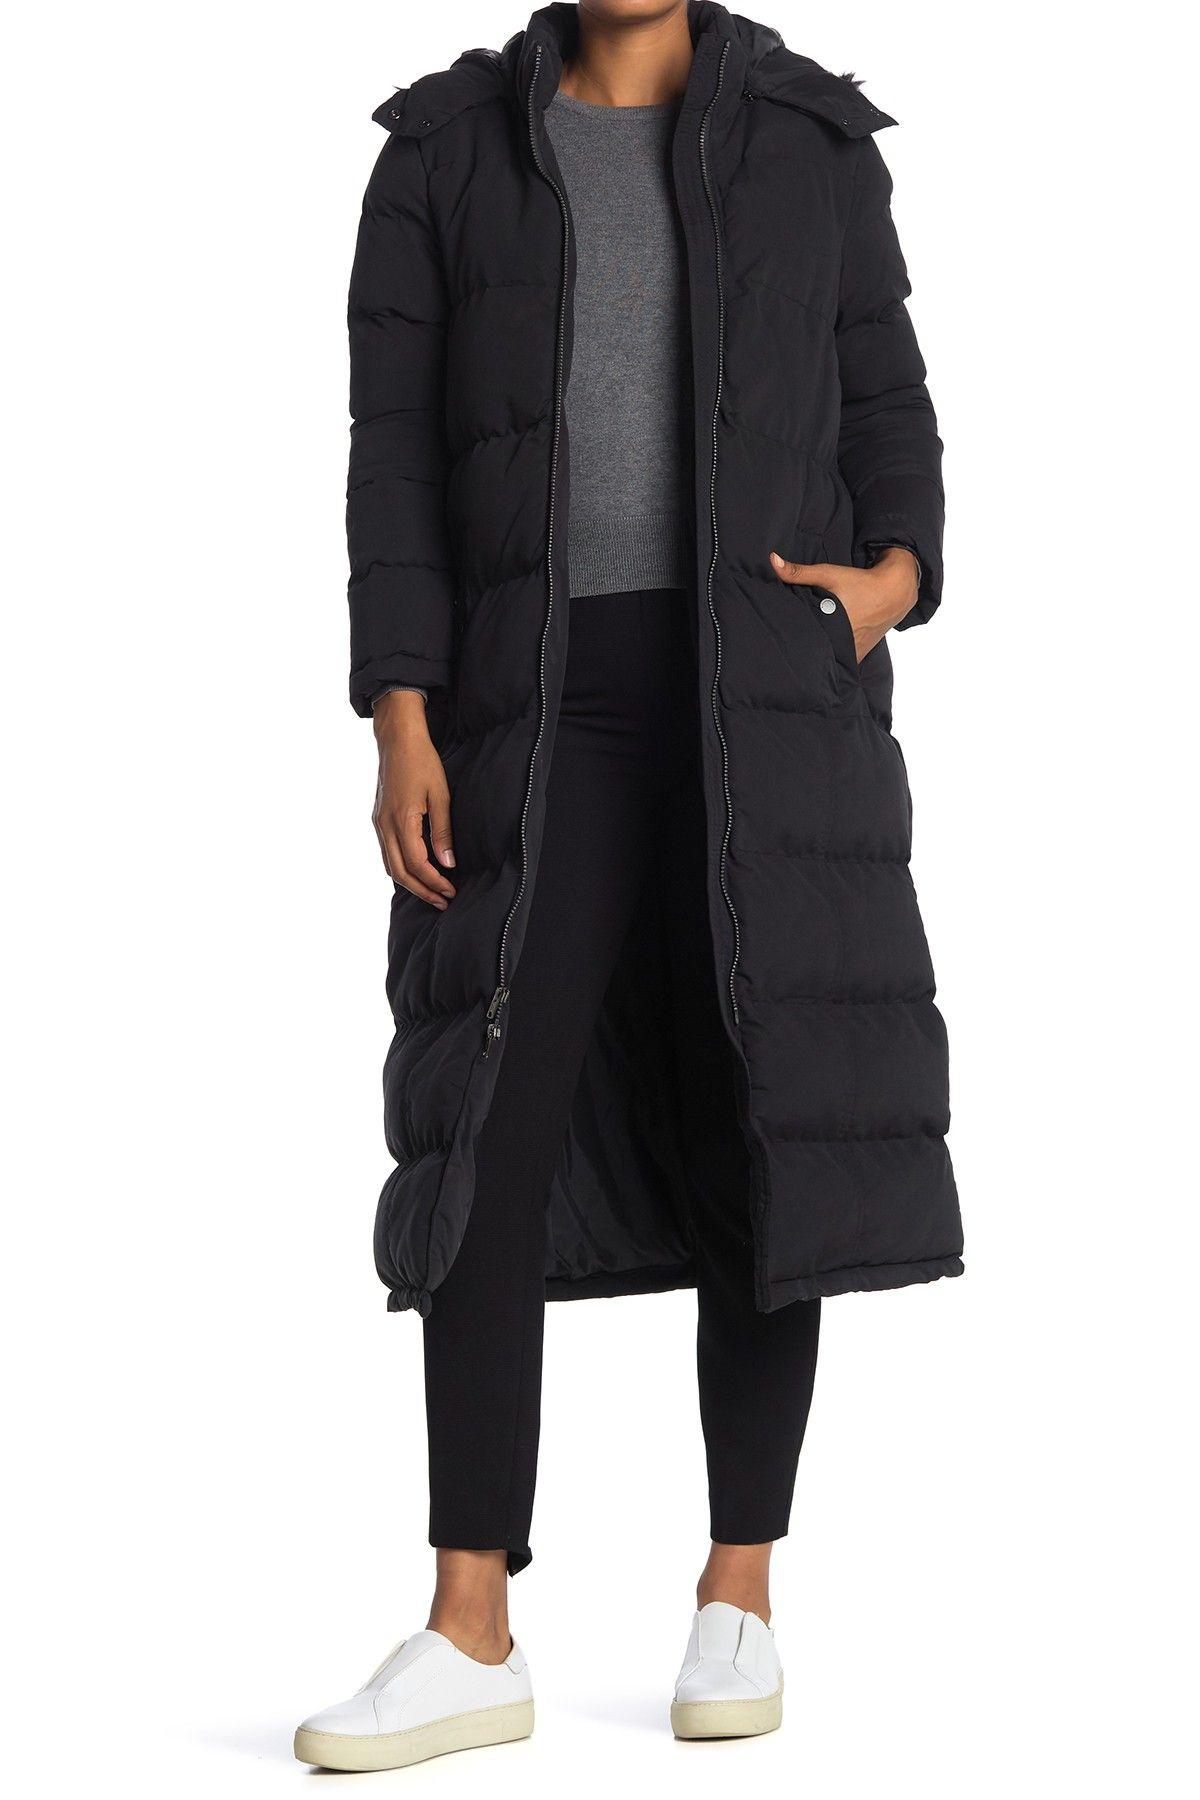 Andrew Marc Tambos Long Puffer Faux Fur Trim Jacket Nordstrom Rack In 2021 Long Black Puffer Coat Trim Jacket Puffer Jacket Long [ 1800 x 1200 Pixel ]